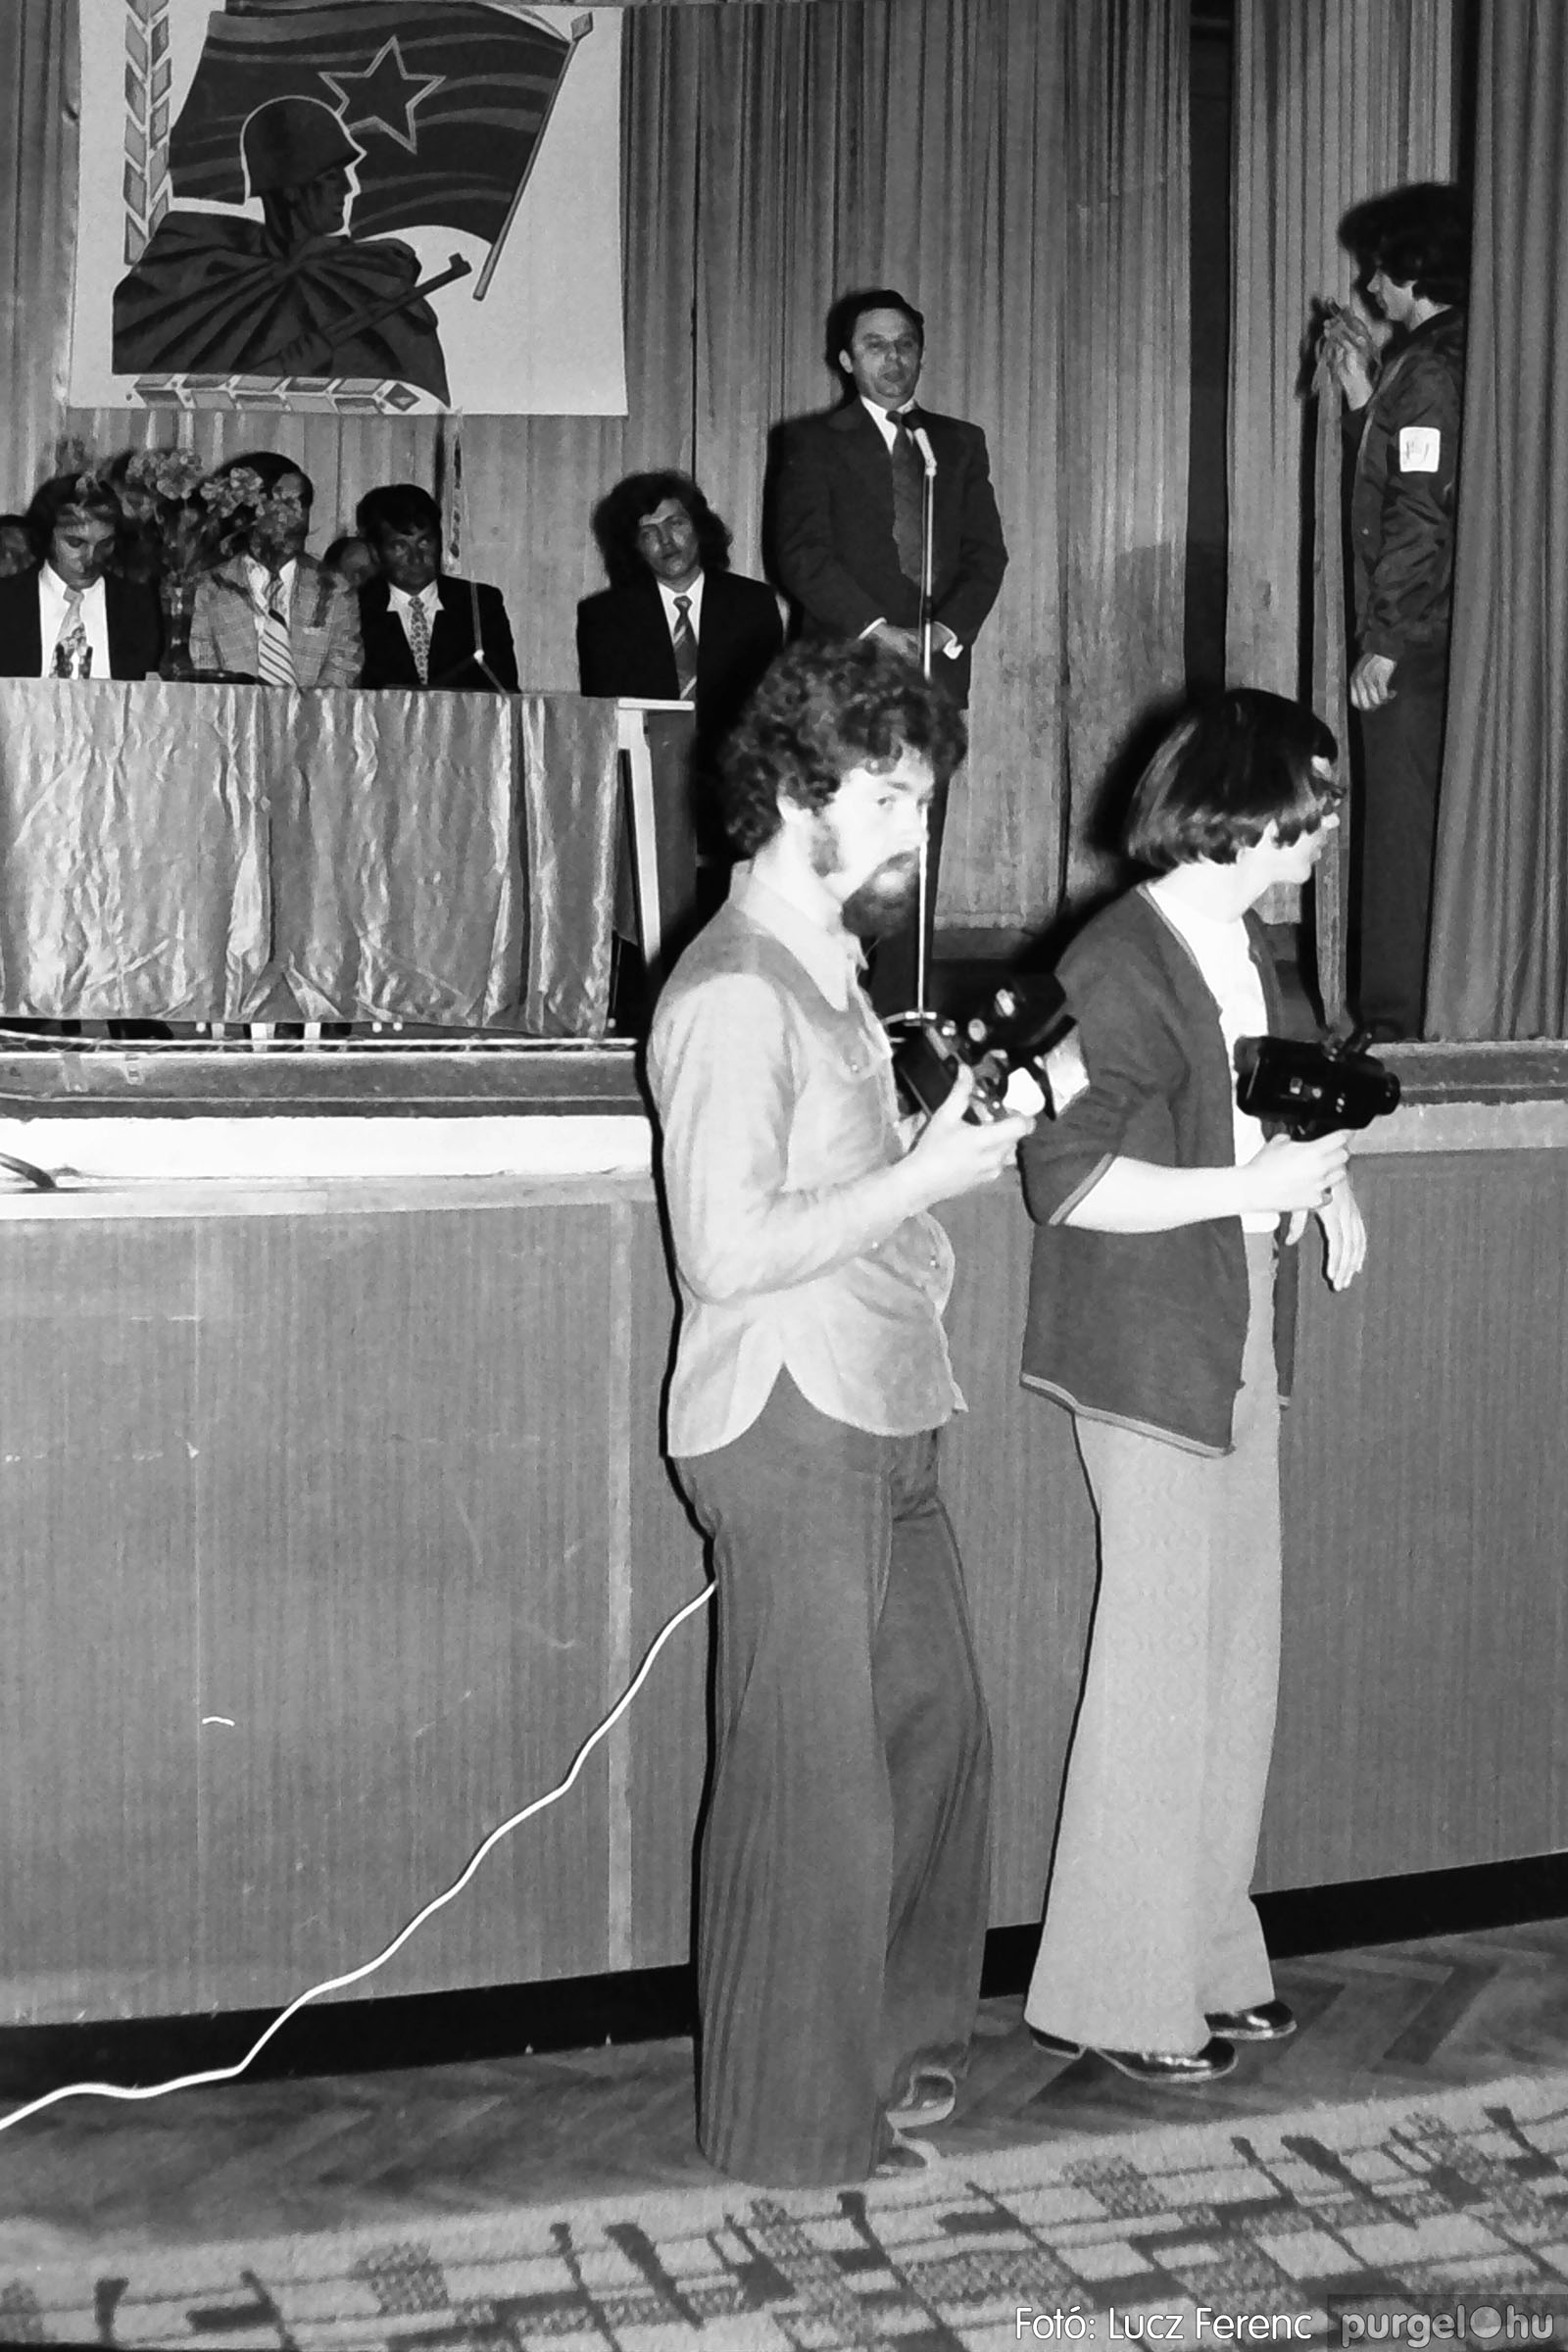 039. 1976.04.04. Április 4-i ünnepség a kultúrházban 013. - Fotó: Lucz Ferenc.jpg